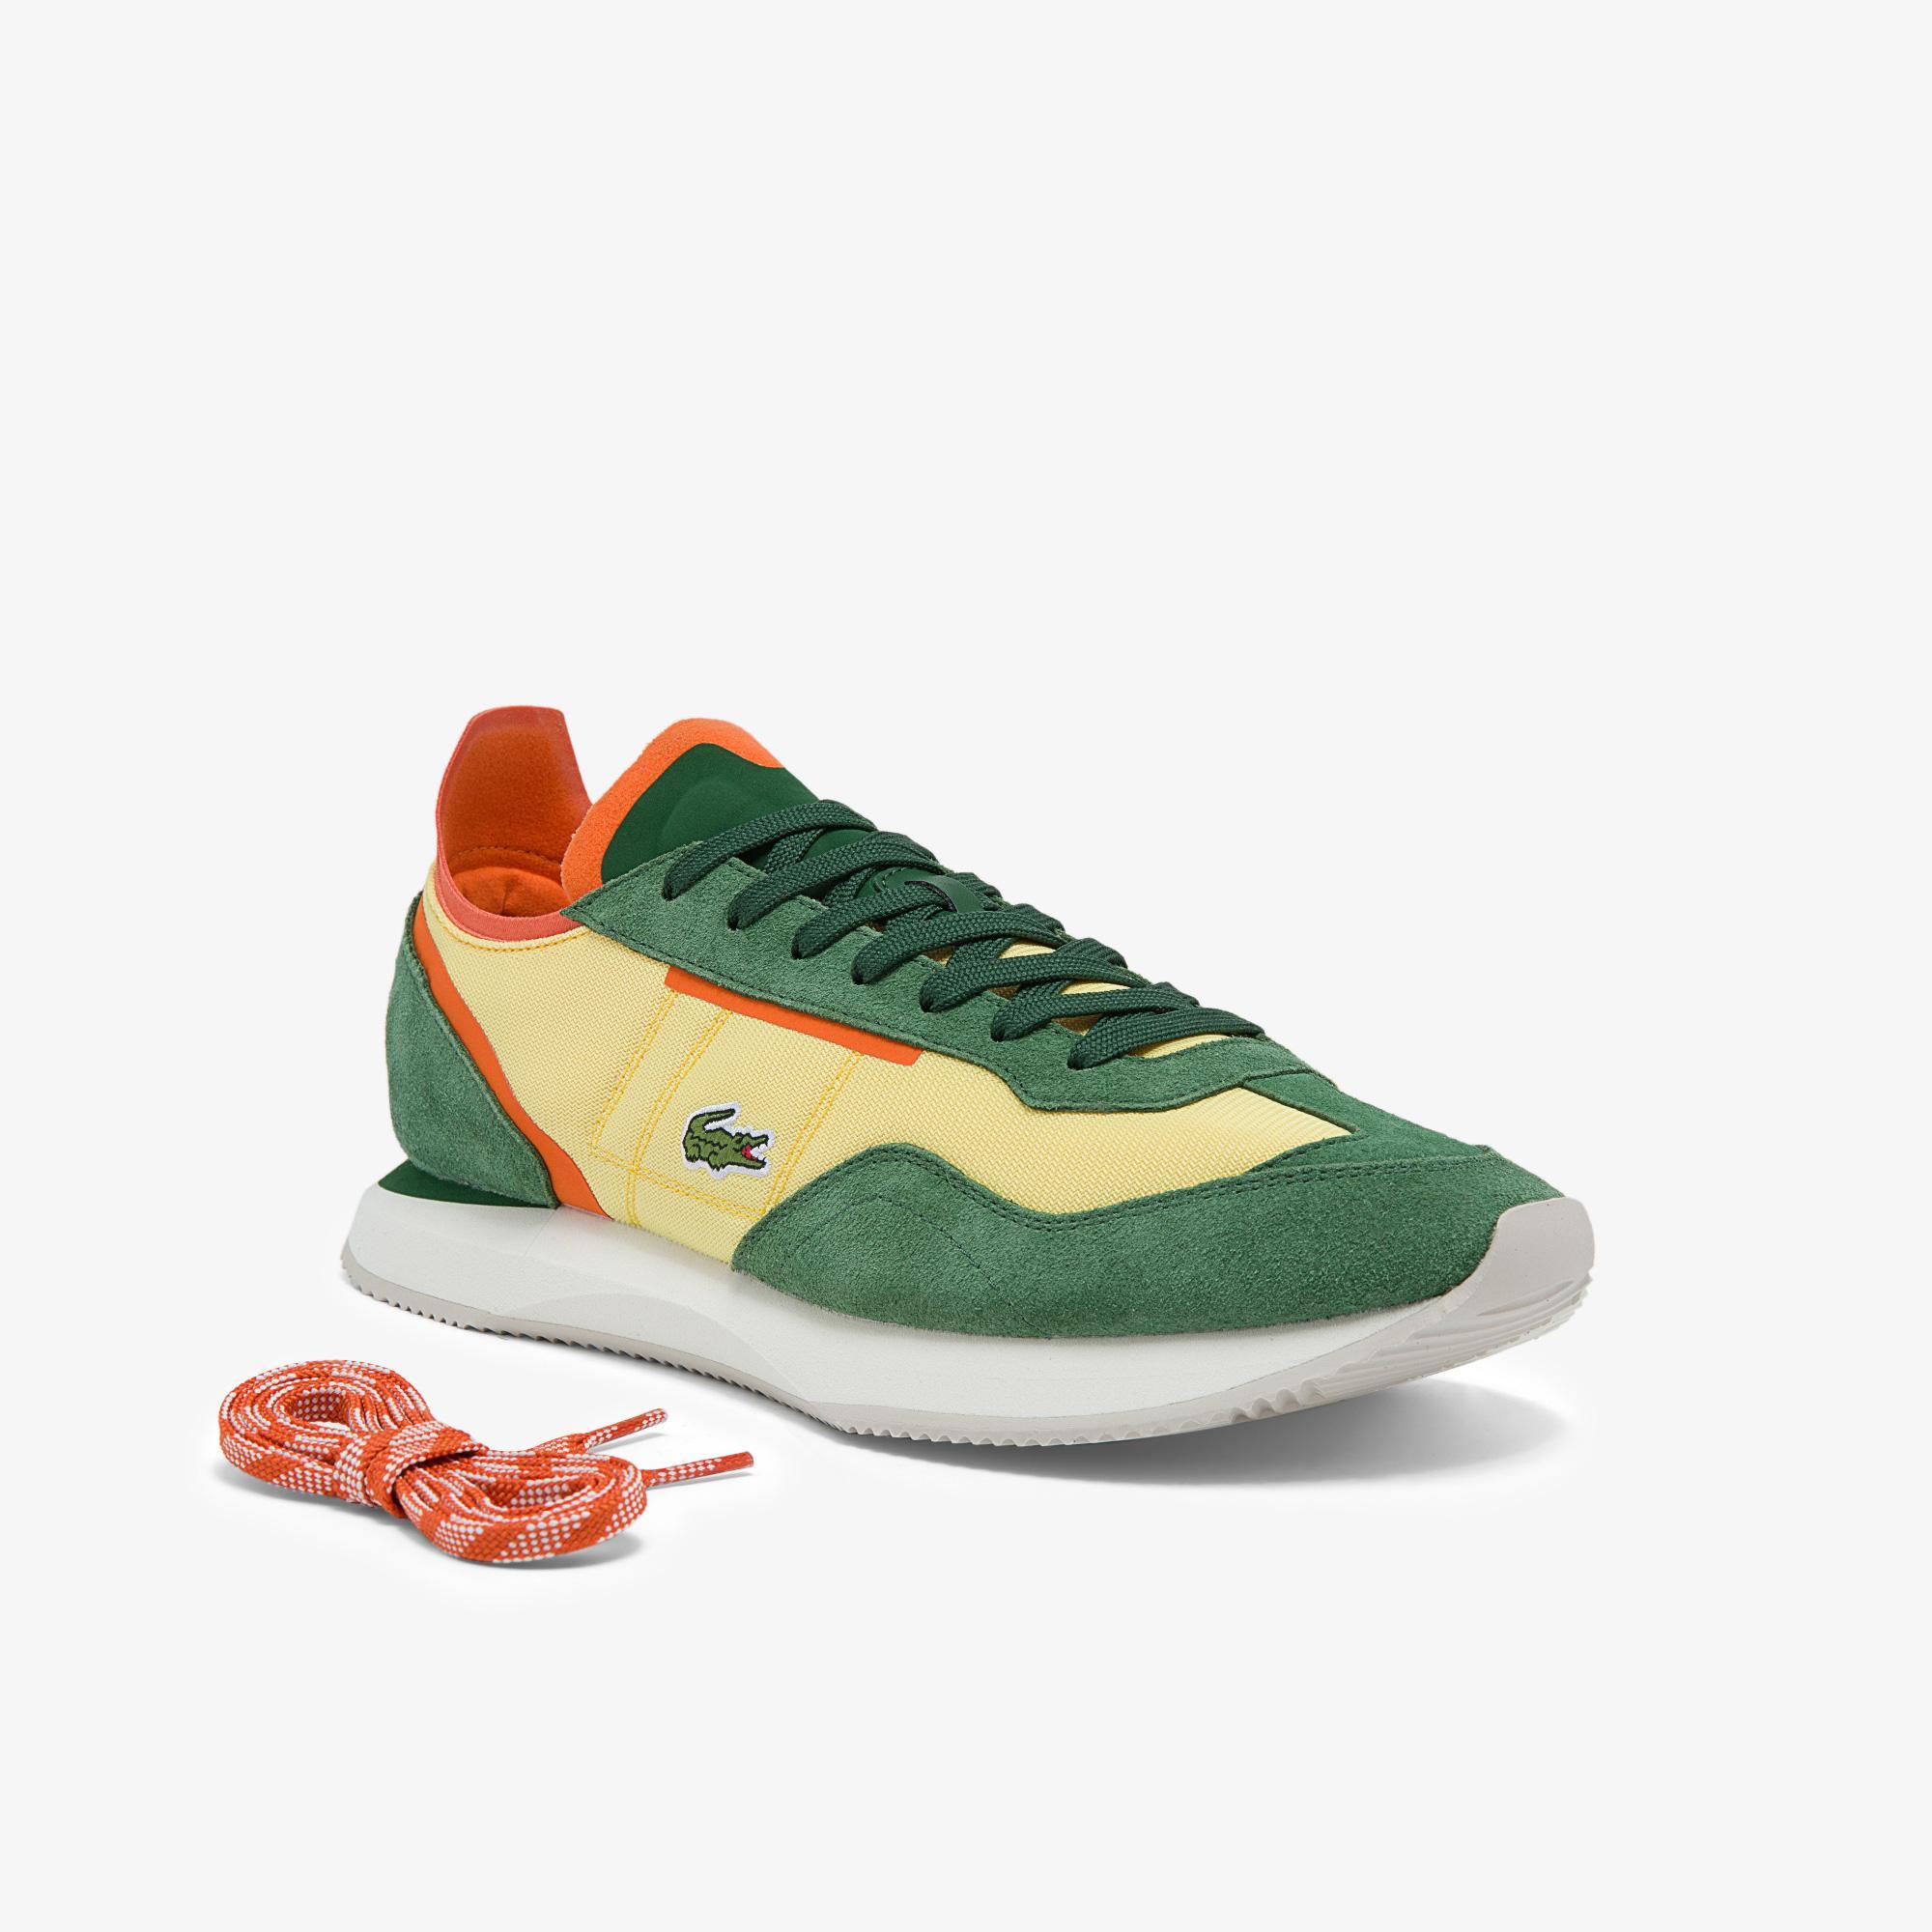 Lacoste Match Break 01213 Qsp Sma Erkek Sarı - Yeşil Sneaker